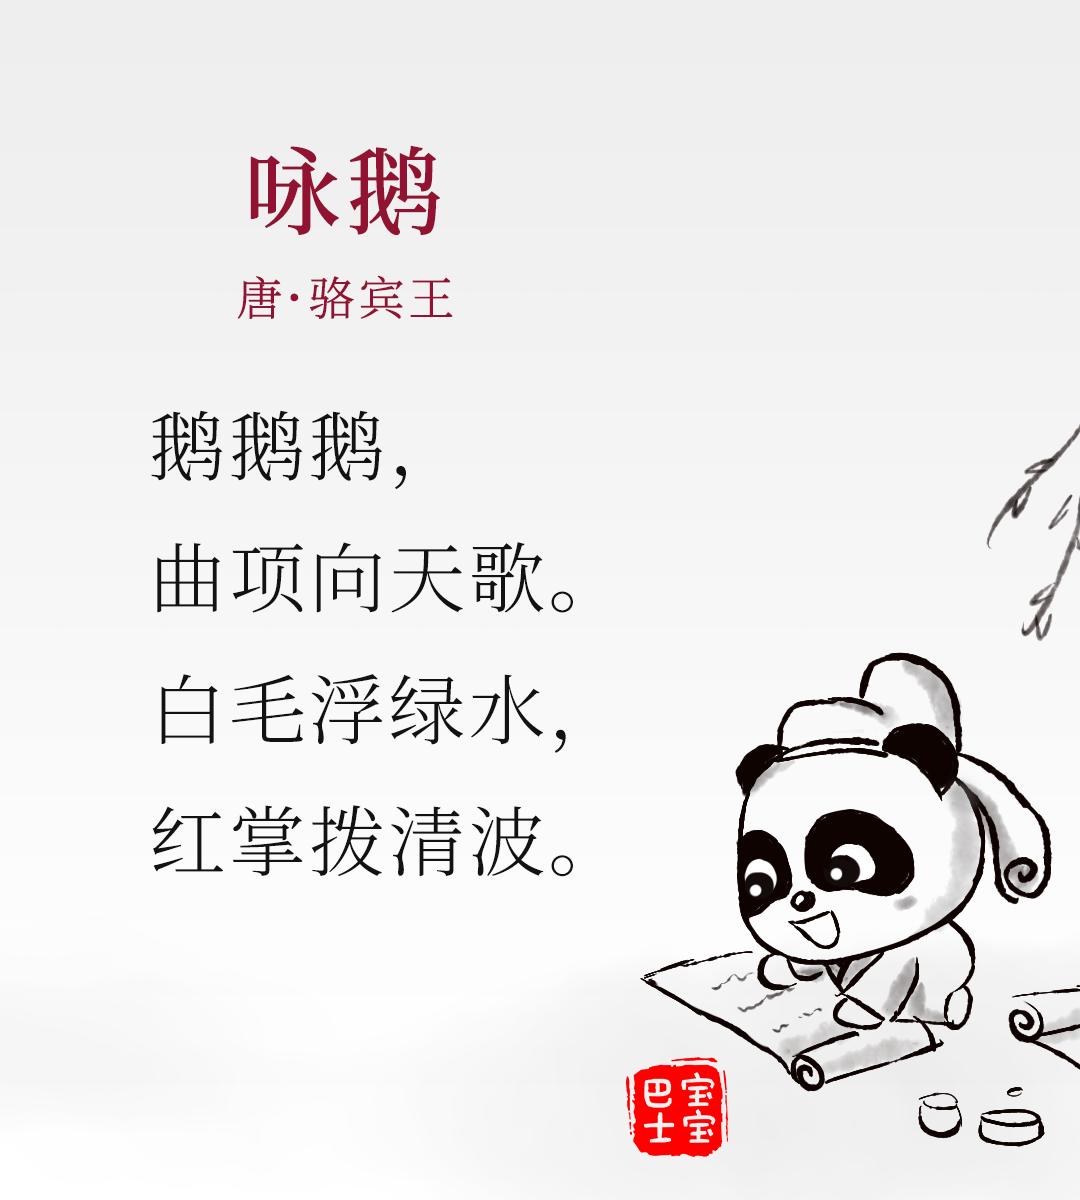 【奇妙古诗词·3岁磨耳朵版】《咏鹅》-唐诗-骆宾王